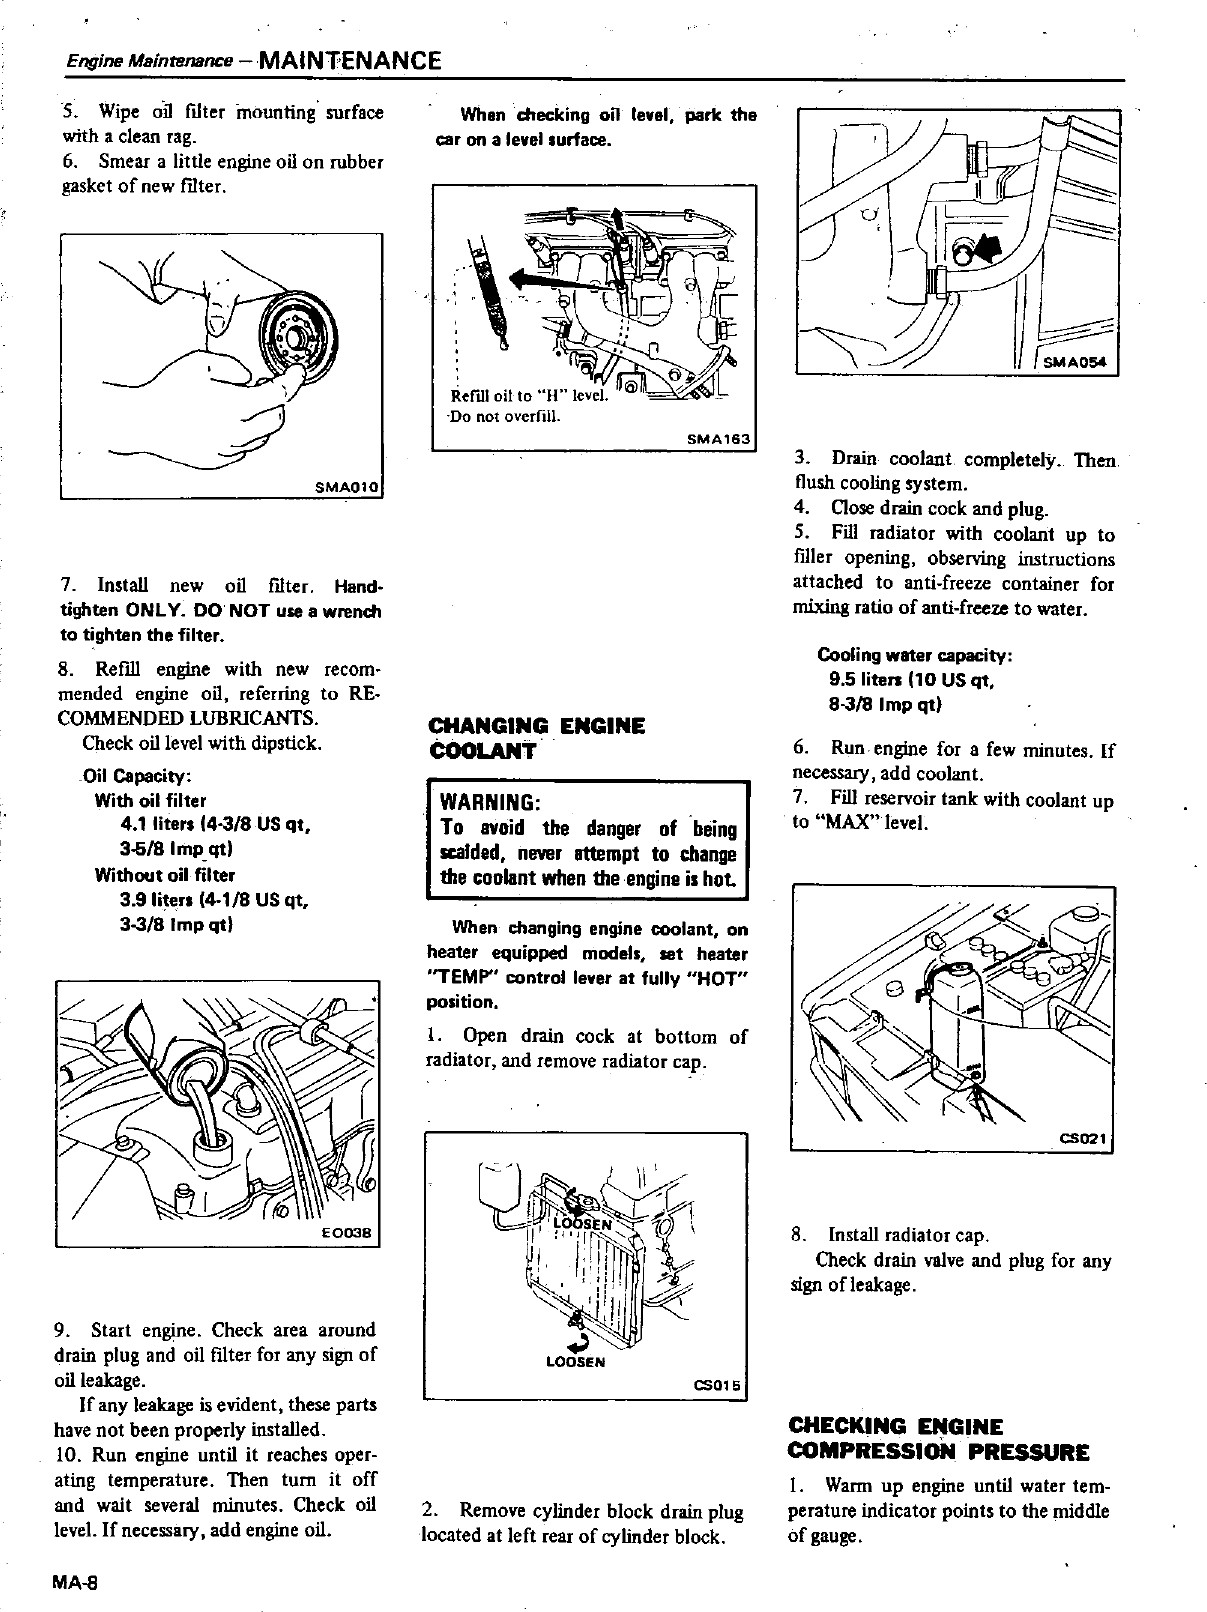 Wiring Push button Start On 1400 Datsun Nissan 1980 200sx Repair Manual Service Datsun Of Wiring Push button Start On 1400 Datsun